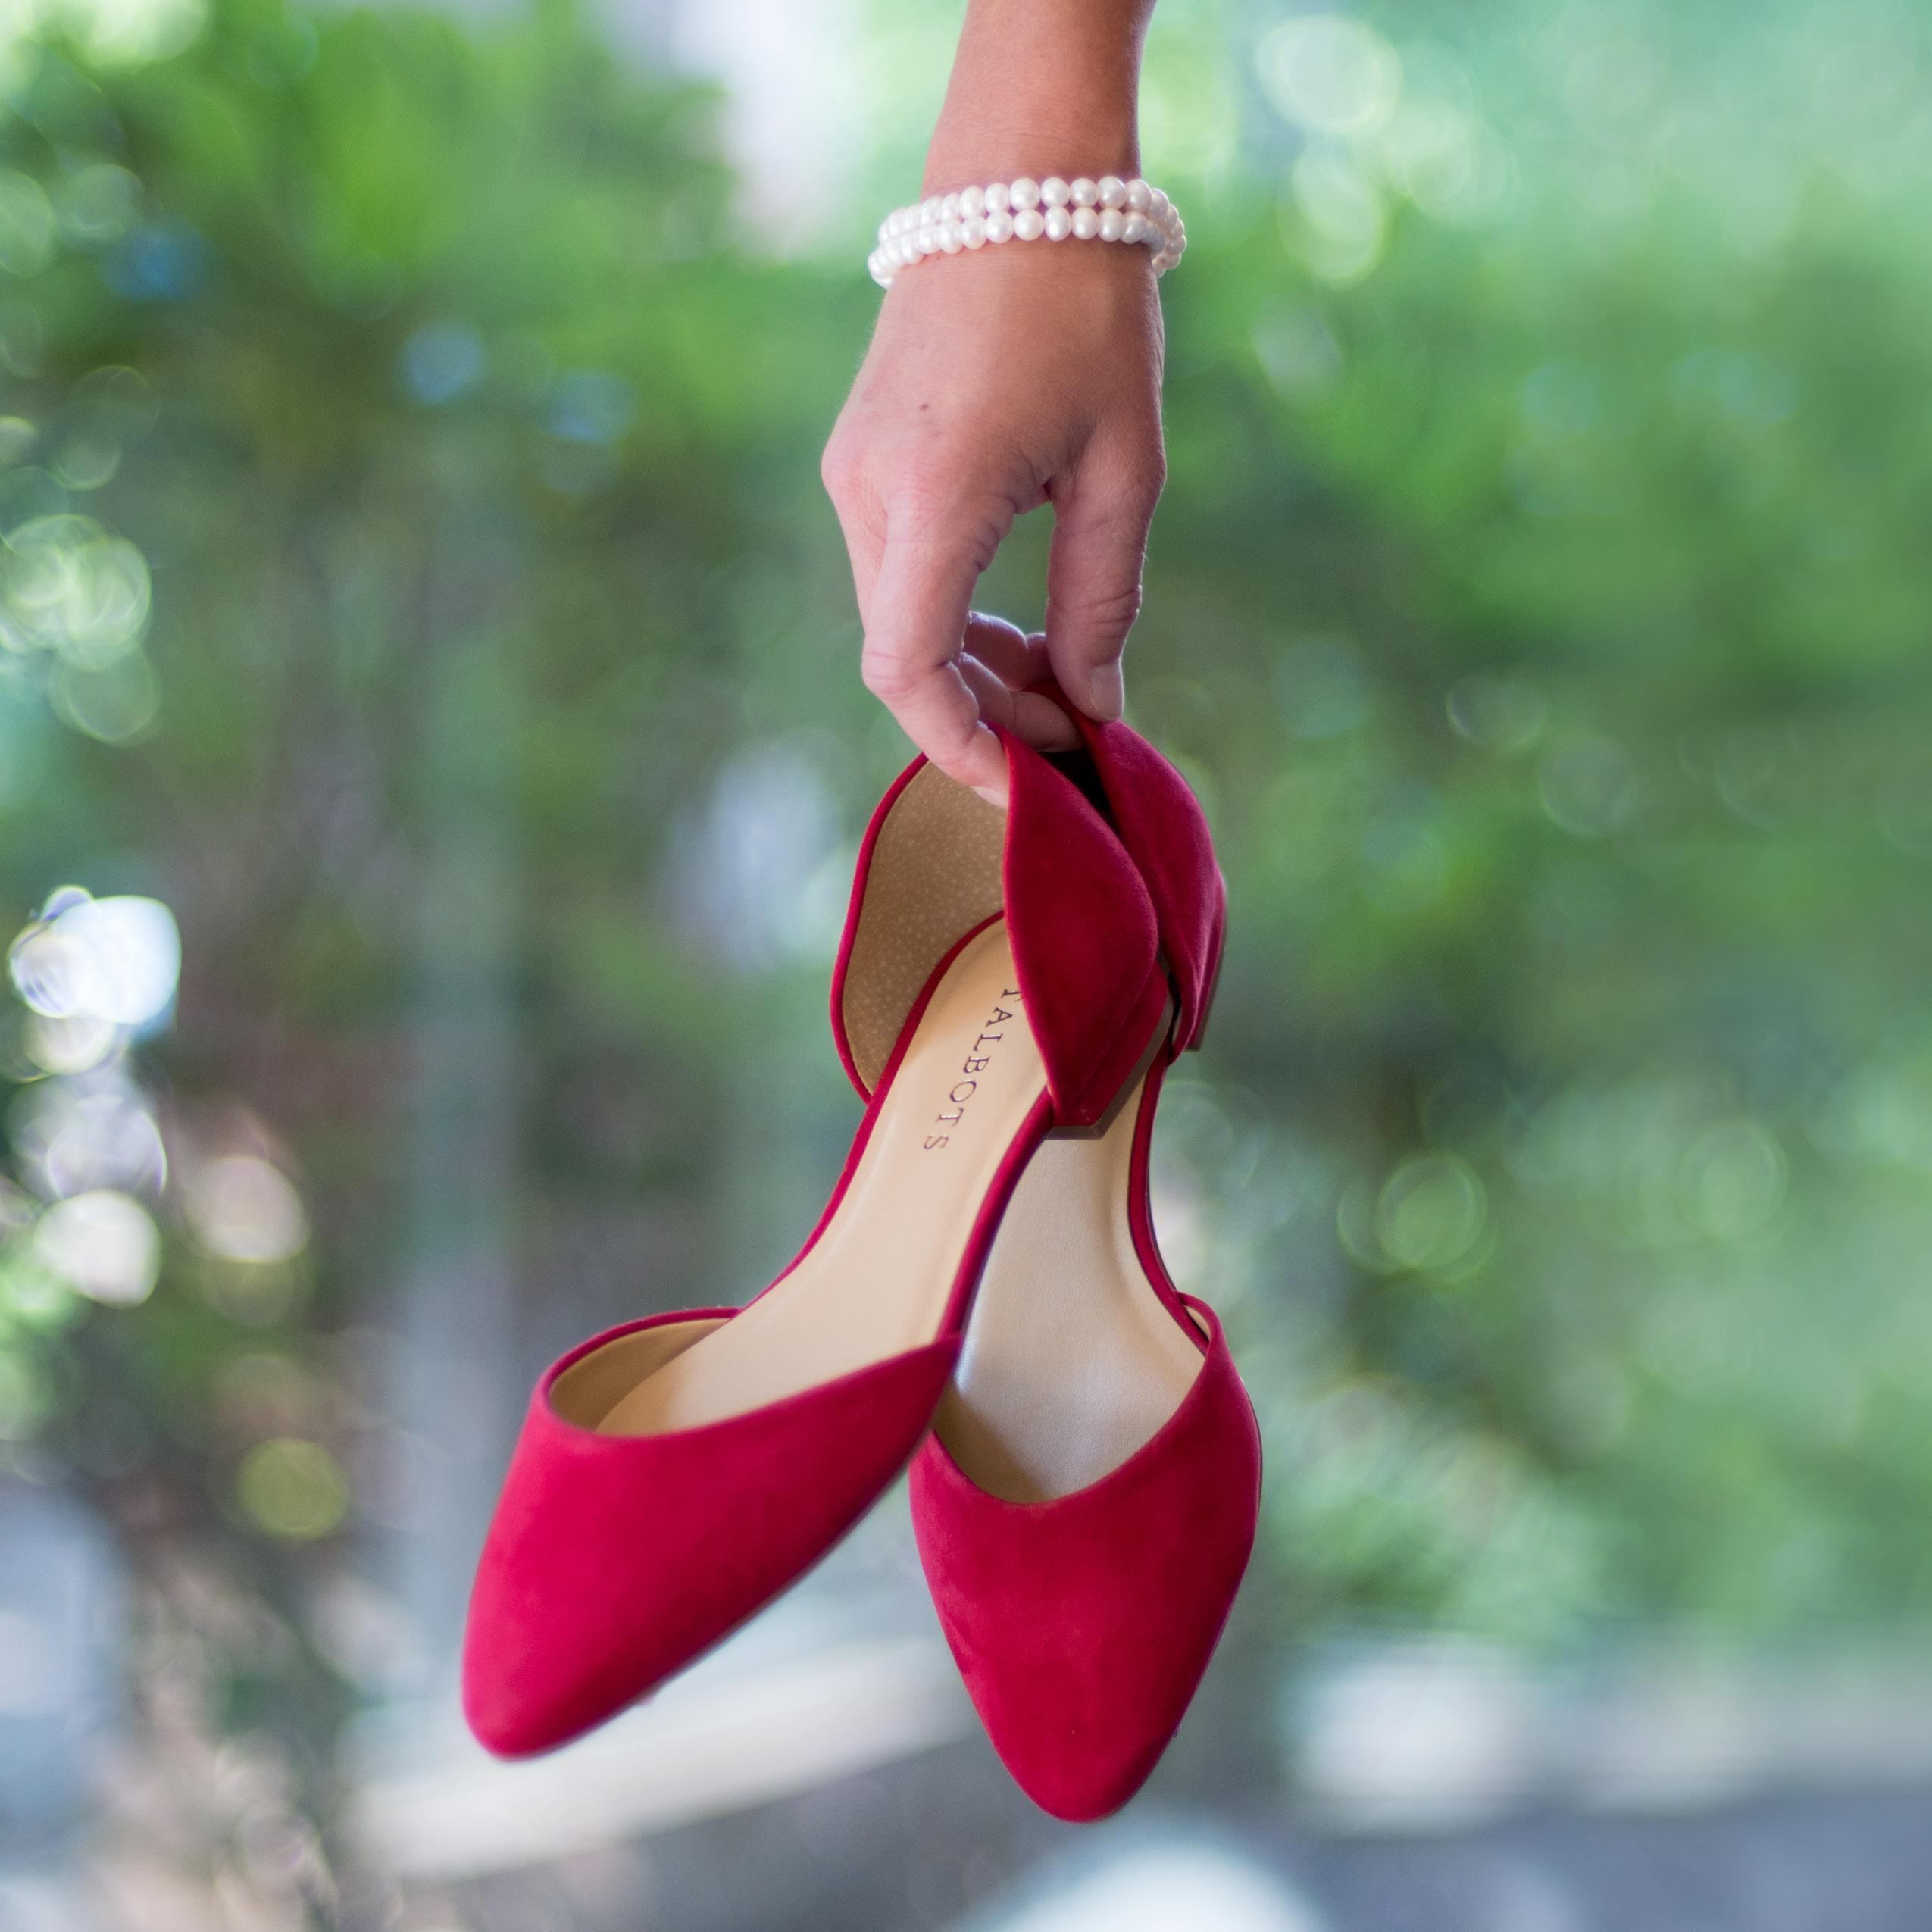 baletki-zhenskie-foto_42